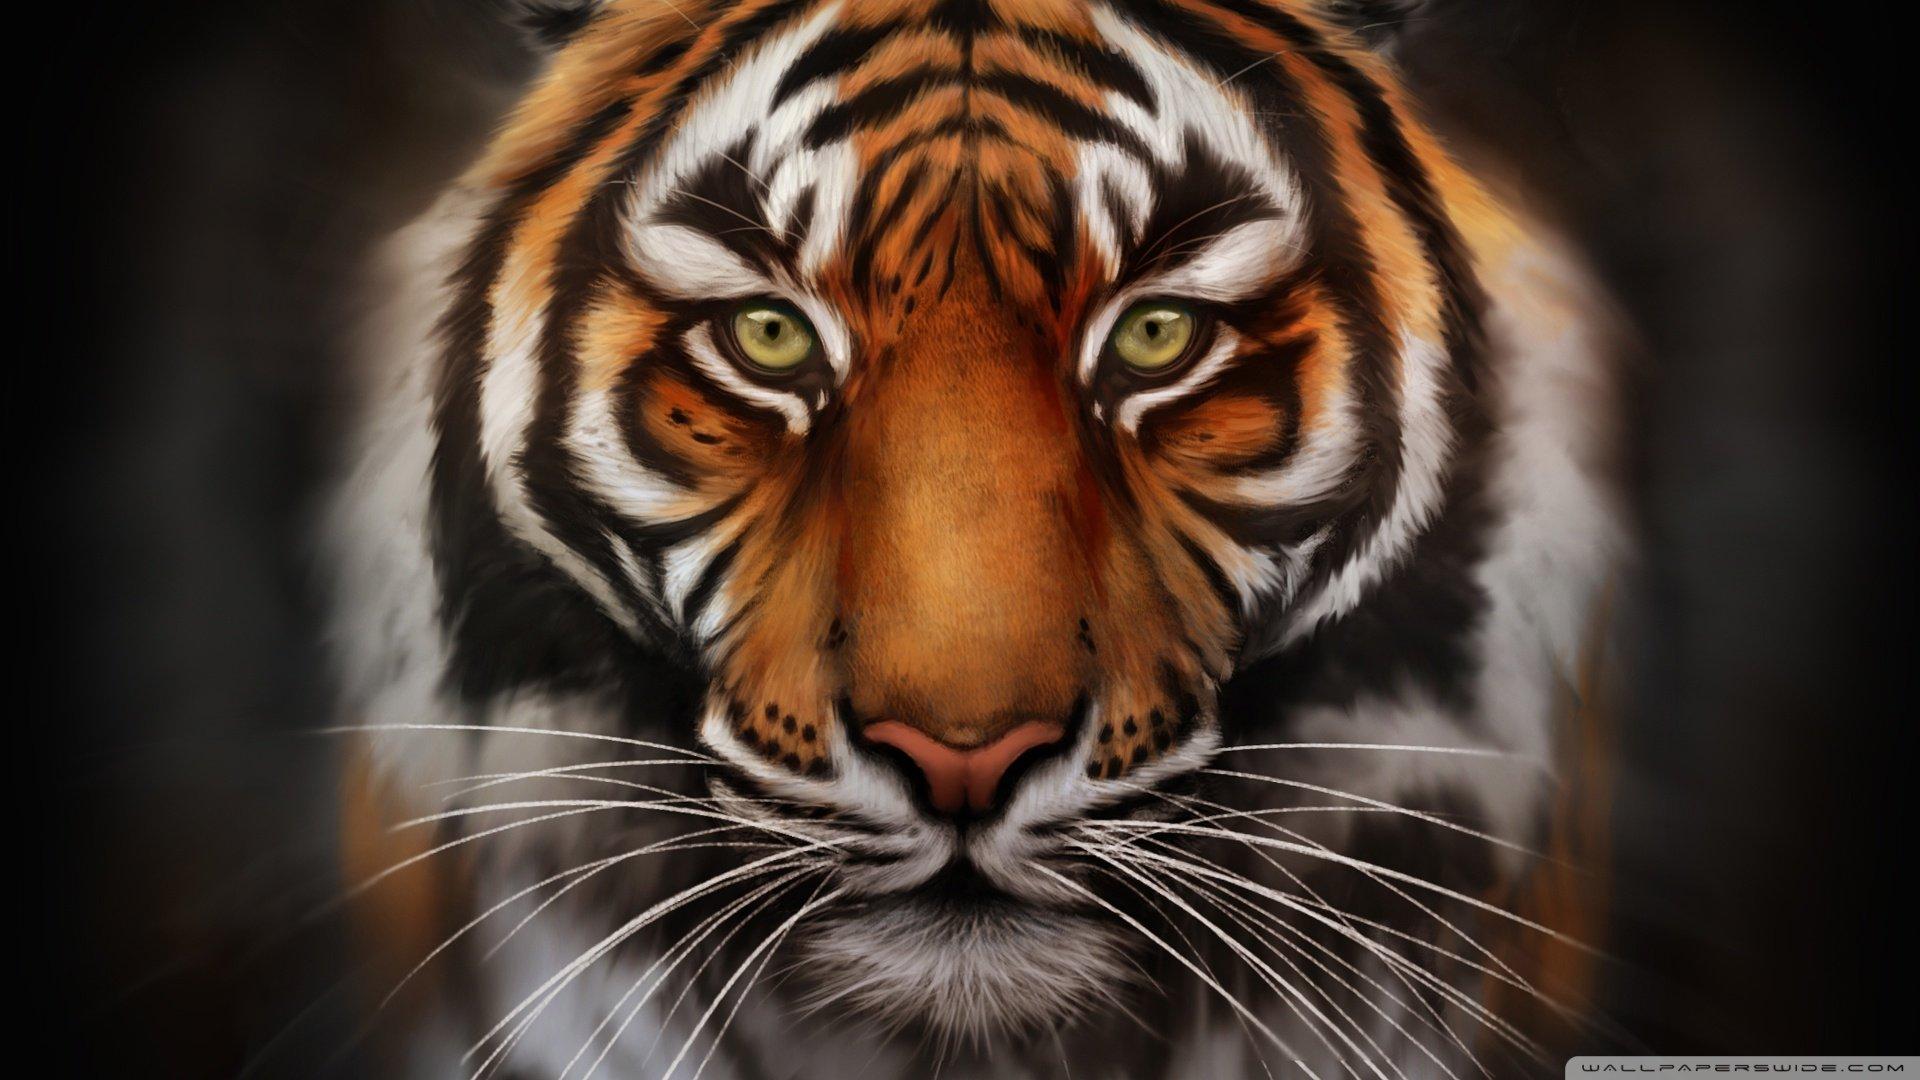 картинки для планшета тигр нюшу знают